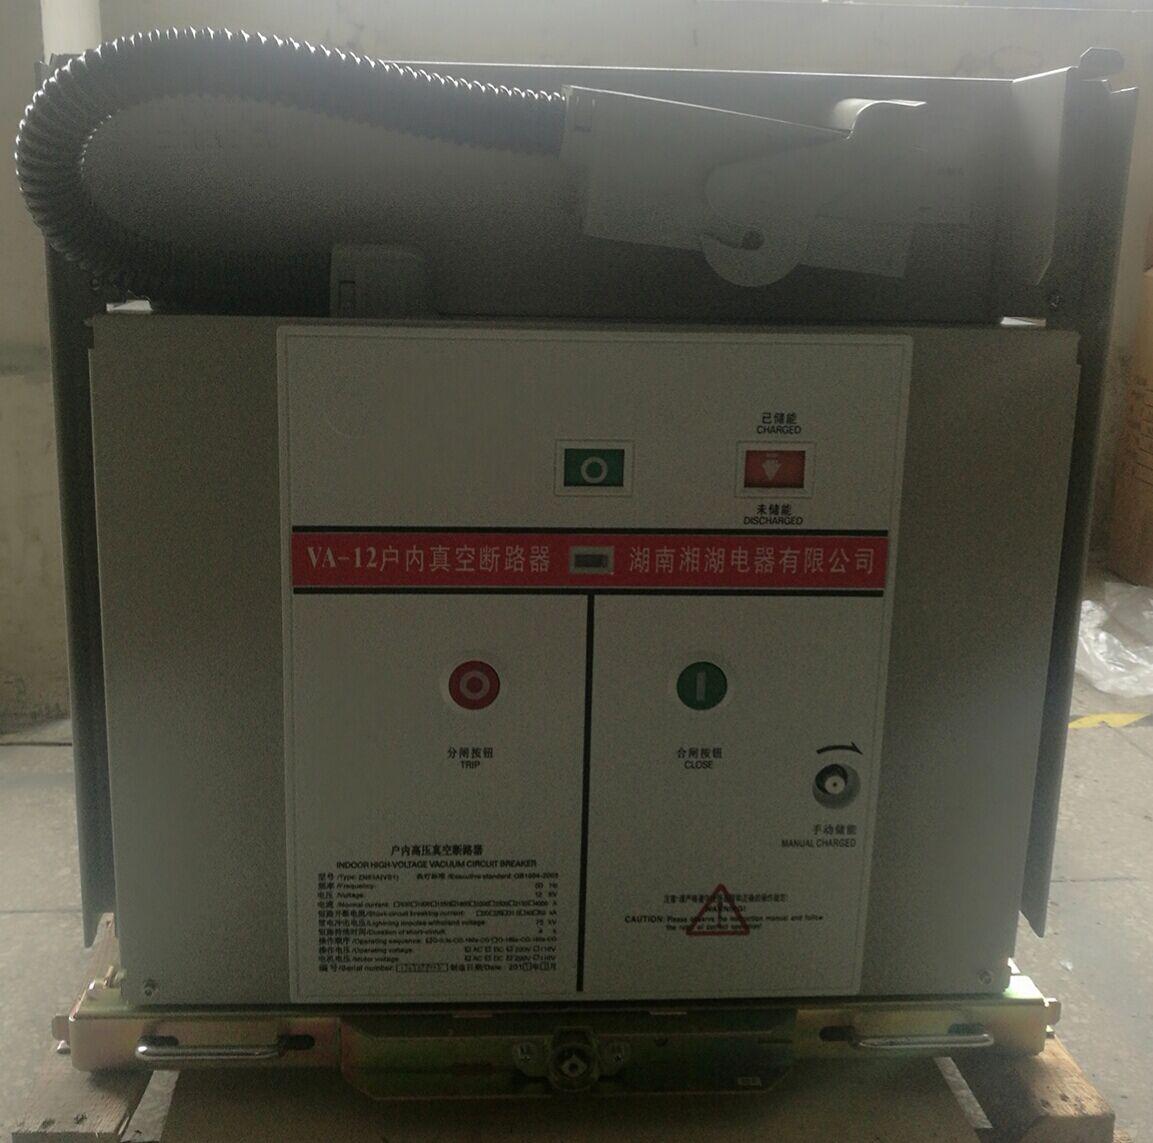 SZCX-6000智能操控装置安装尺寸湘湖电器